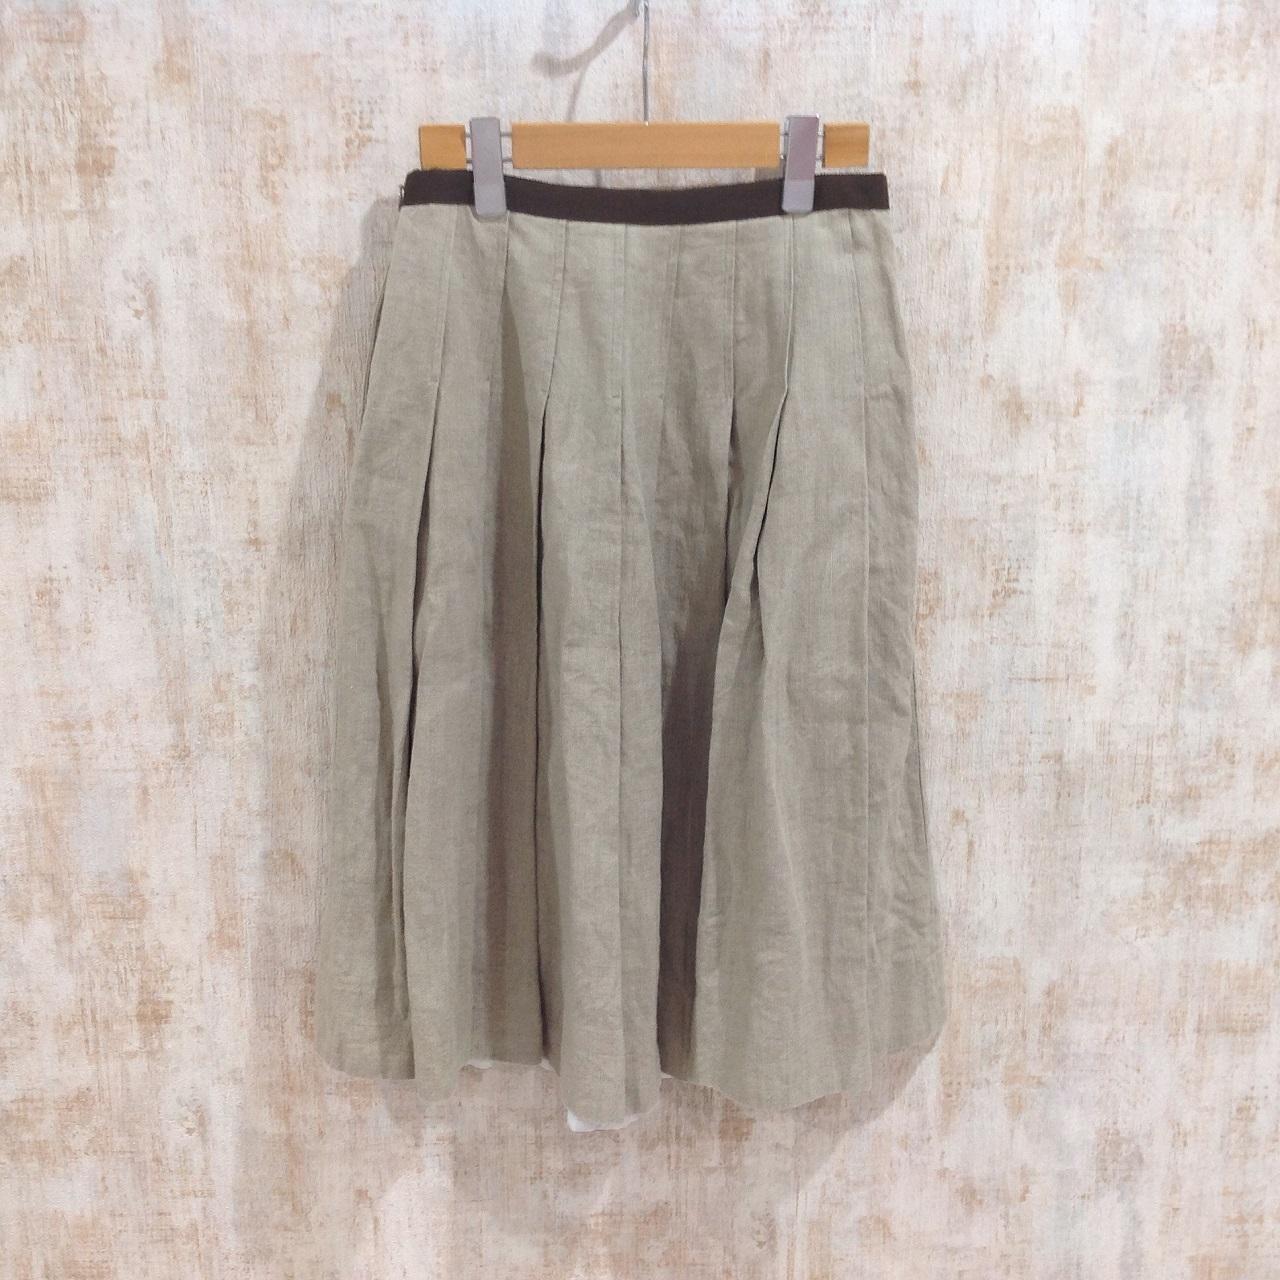 マーガレットハウエルのリネン素材のプリーツスカート